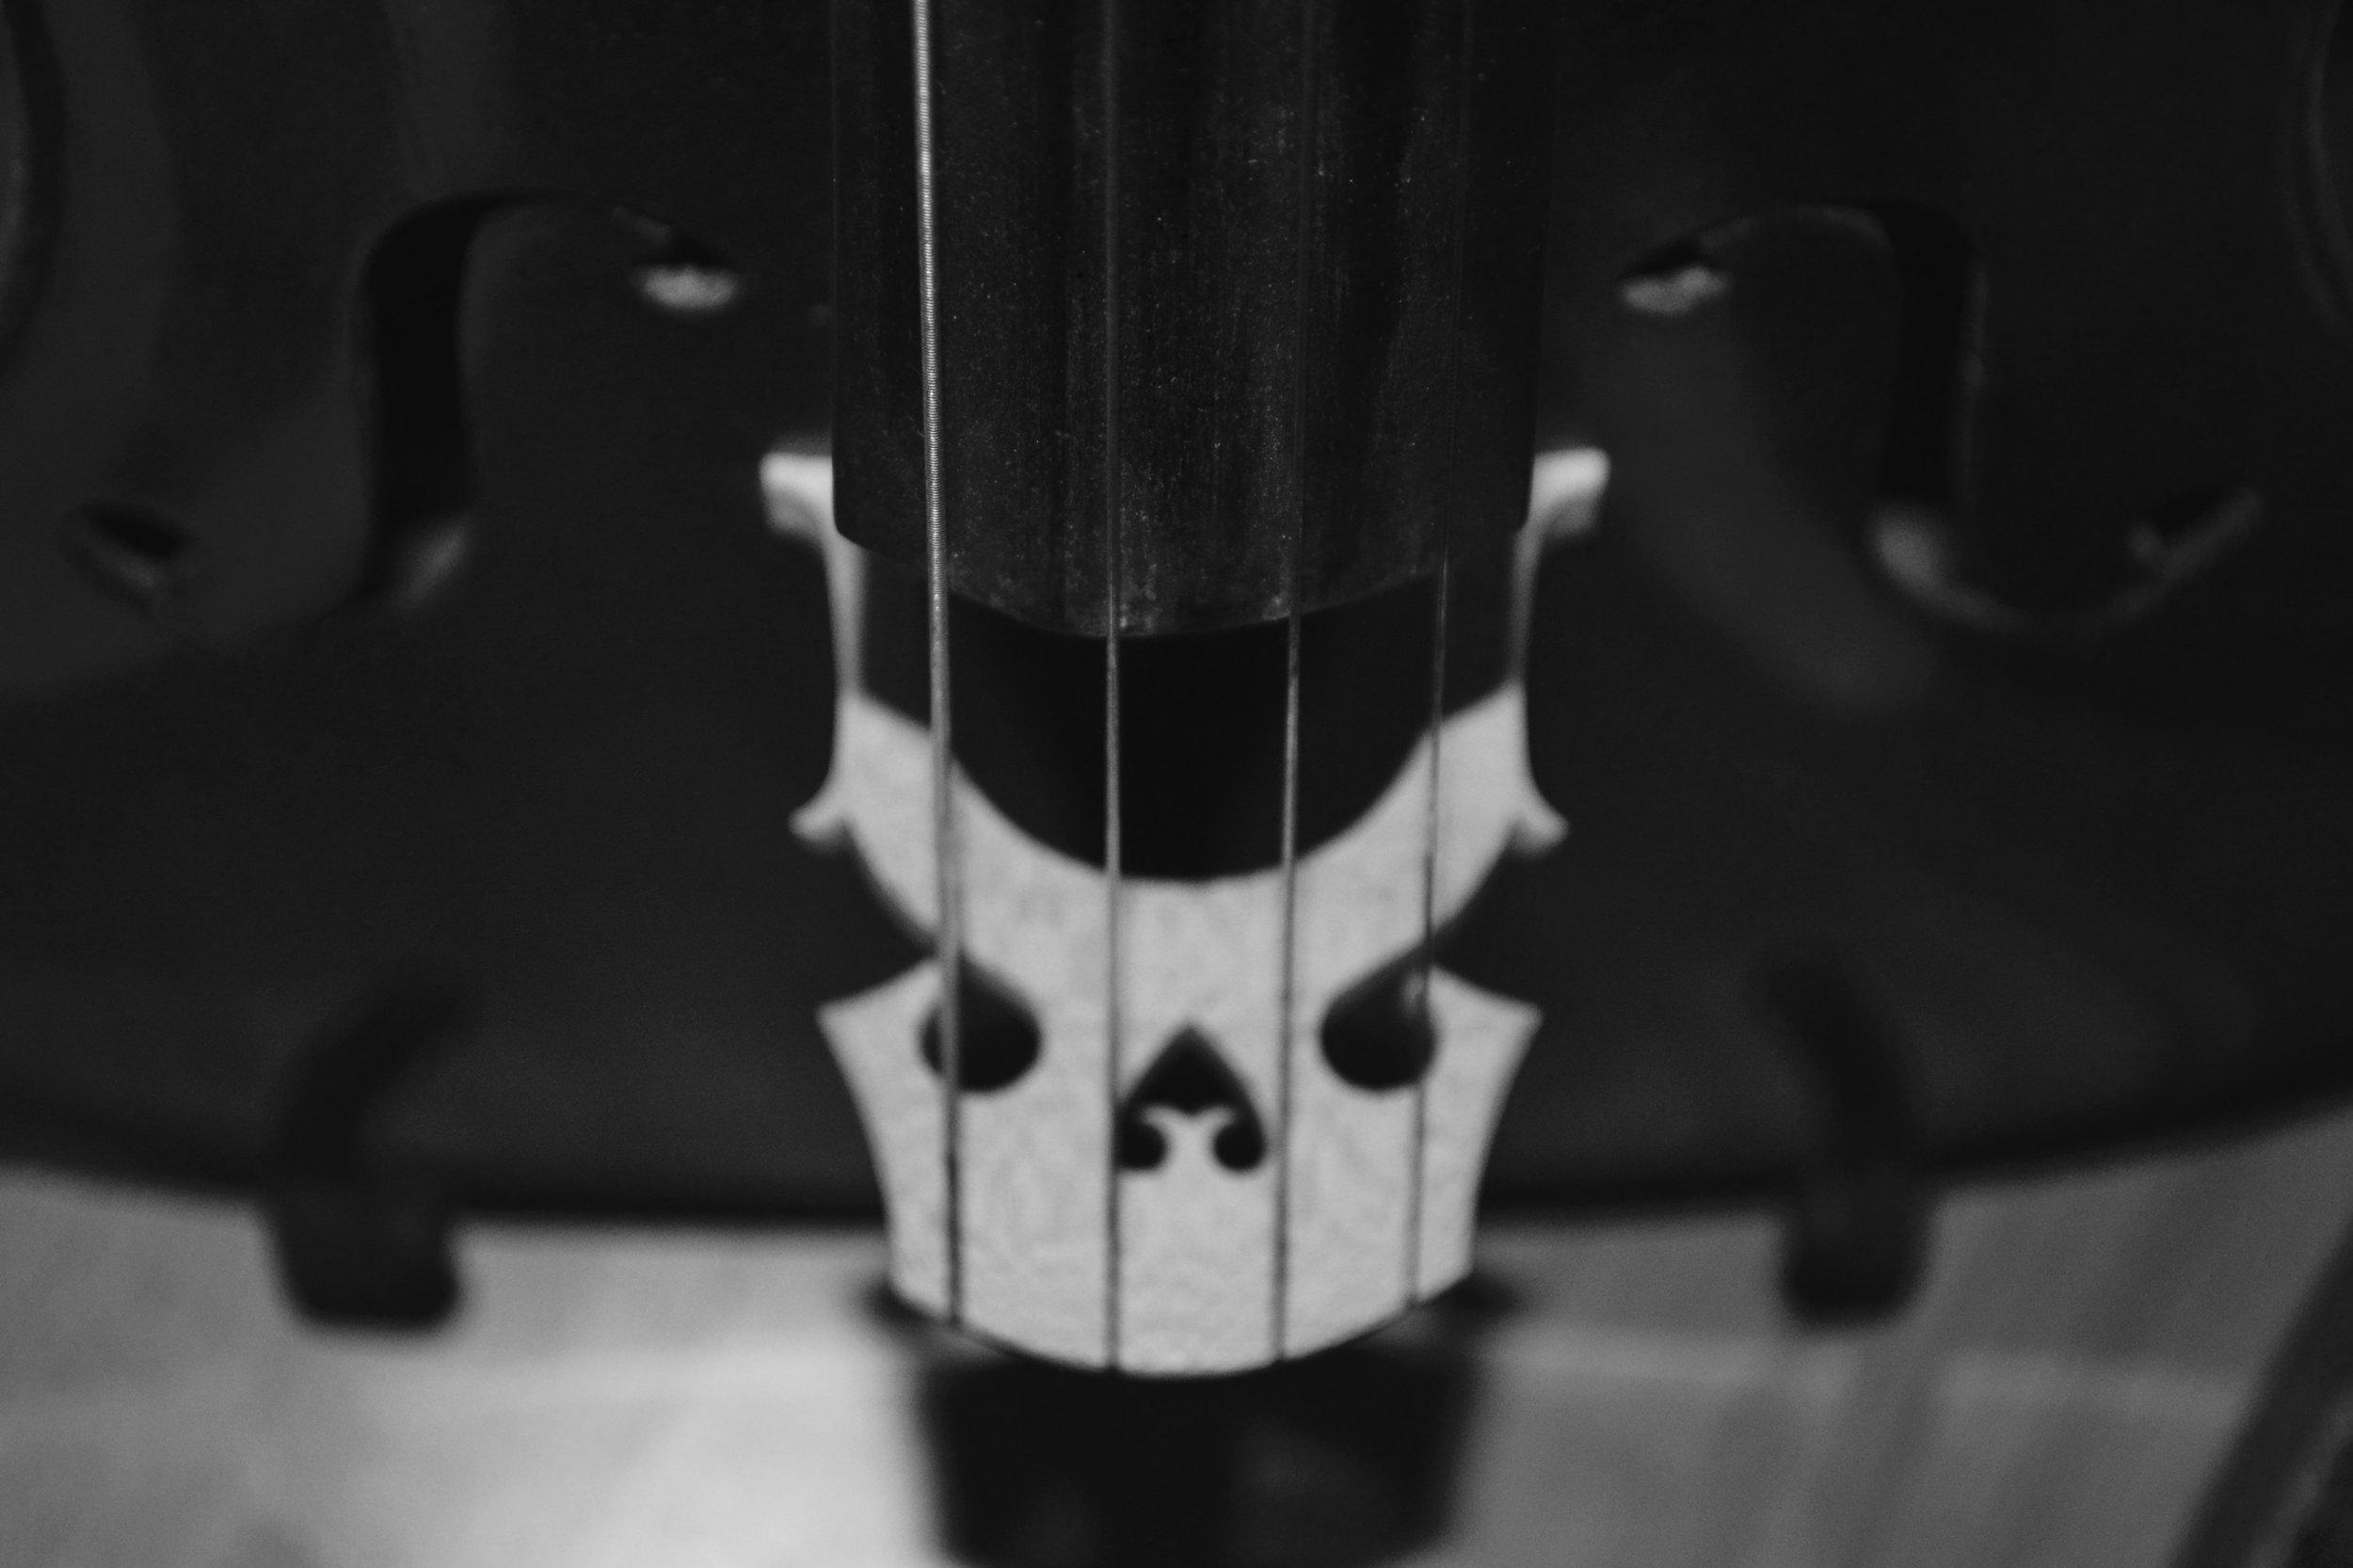 cello-ello-001.jpg